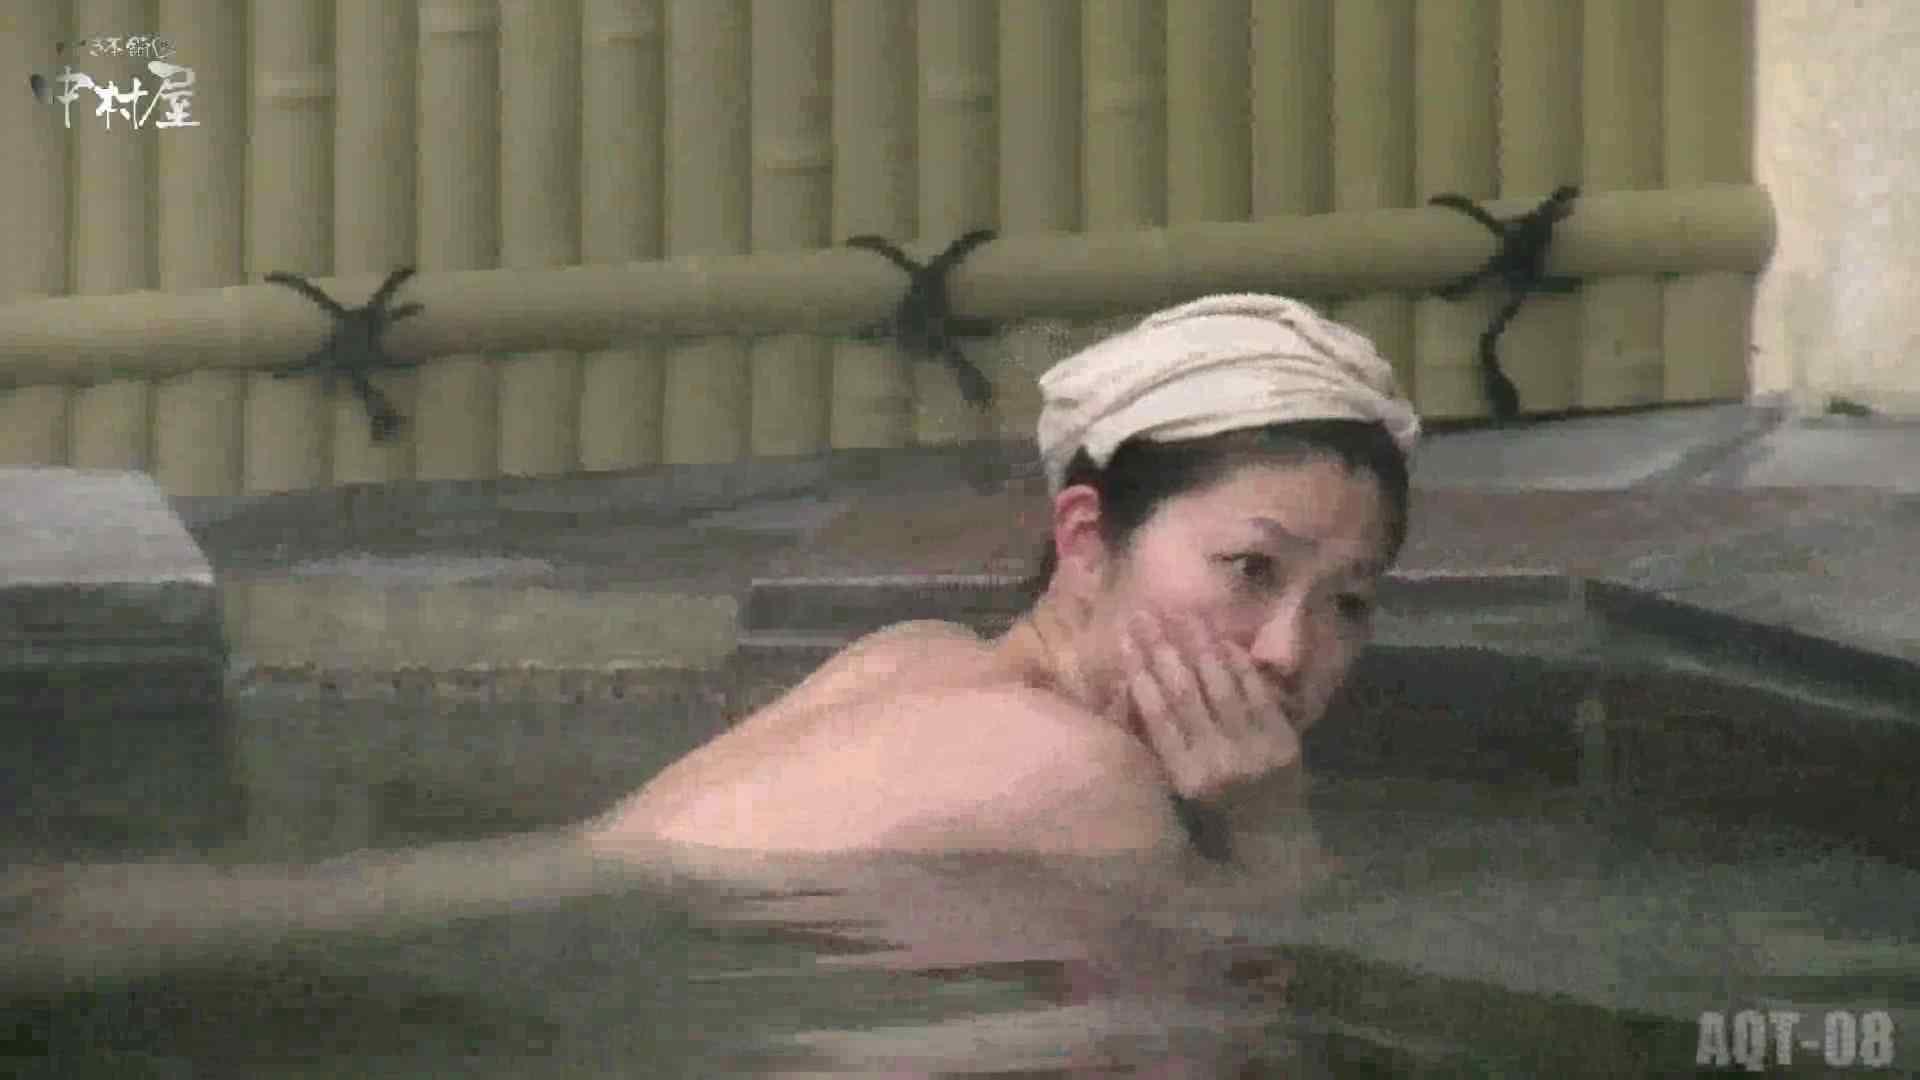 Aquaな露天風呂Vol.872潜入盗撮露天風呂八判湯 其の一 露天風呂編  87PIX 63